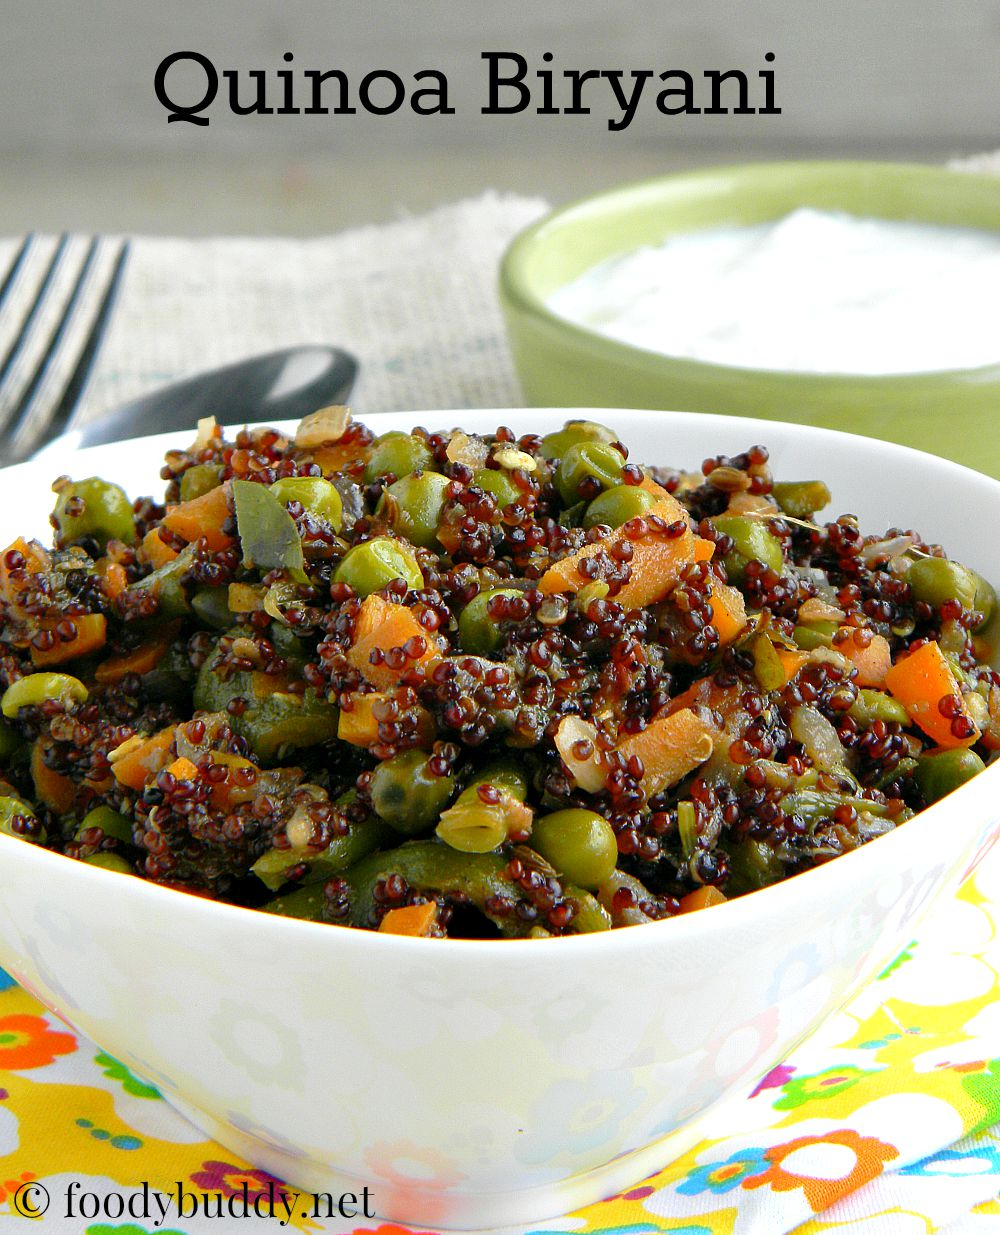 Quinoa vegetable biryani indian quinoa recipes foodybuddy tags quinoa biryani quinoa vegetable biryani quinoa vegetable biryani recipe quinoa indian recipes quinoa recipes quinoa rice how to cook quinoa in forumfinder Images